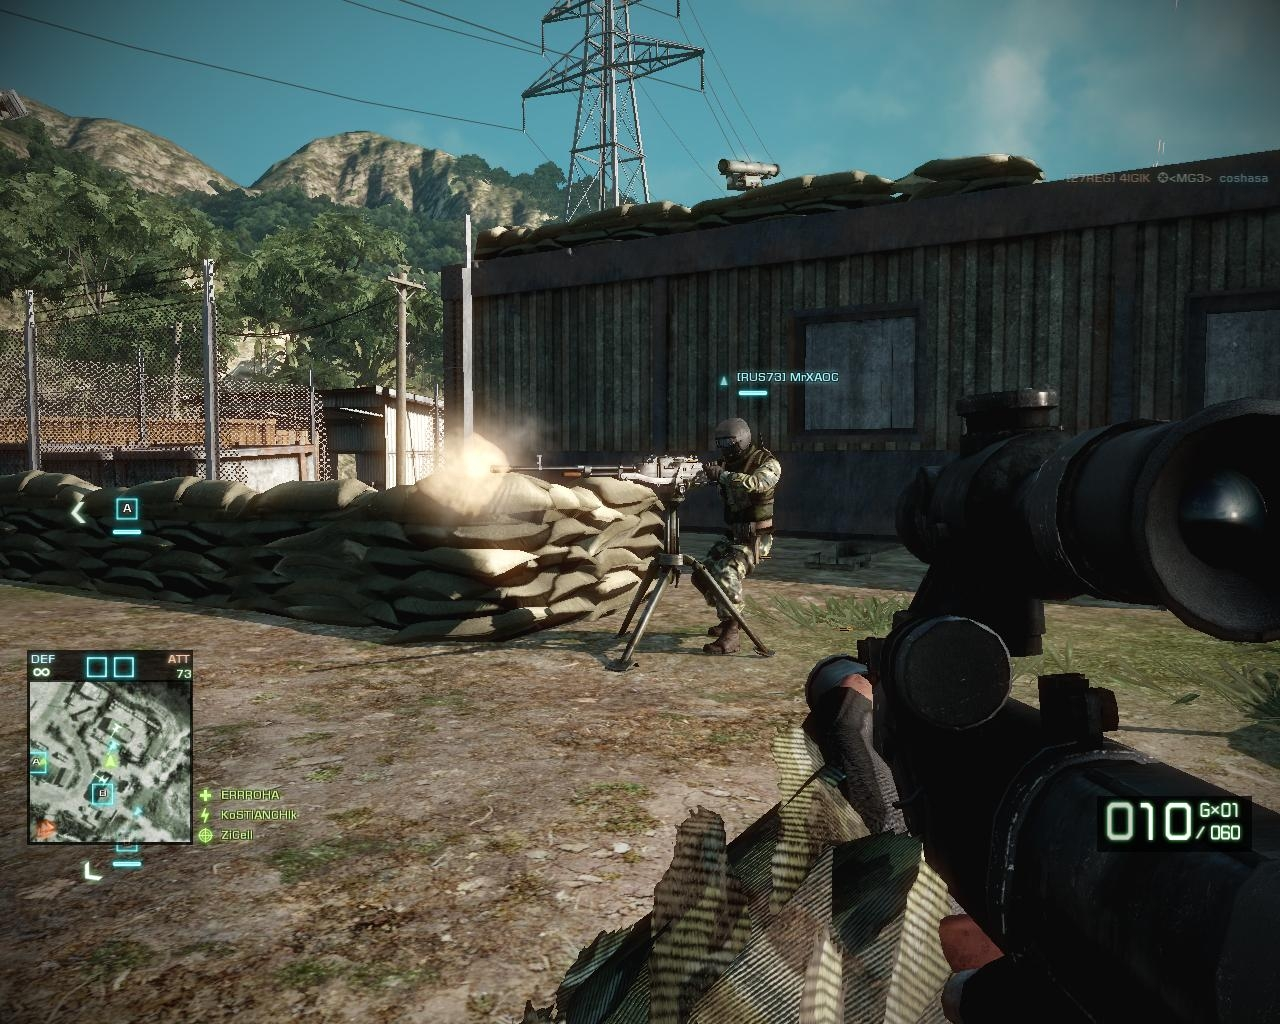 Текущий показываемый скриншот из игры strong em Battlefield Bad